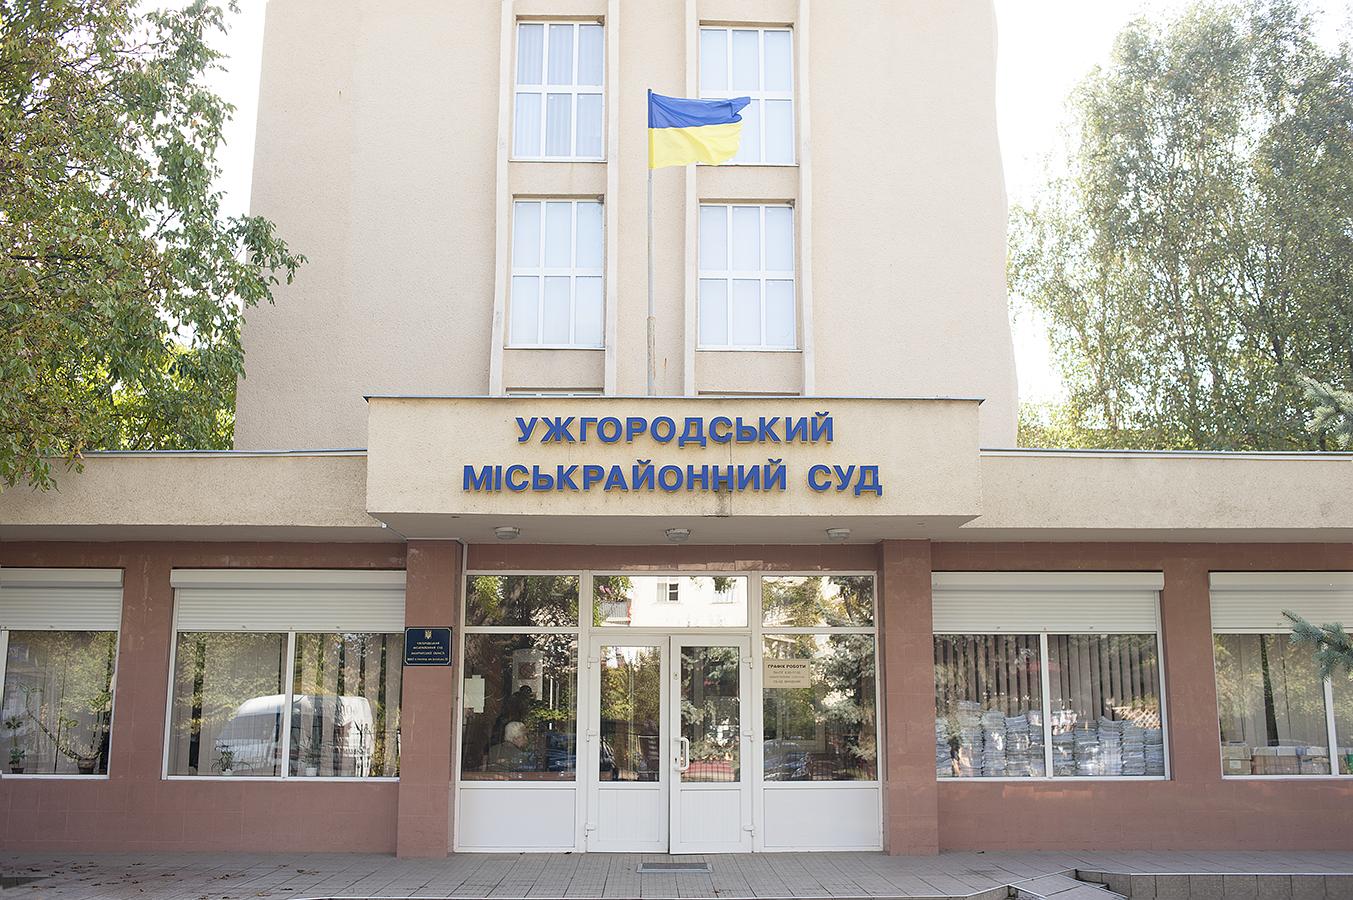 Начался суд над заместителем мэра Ужгорода, узнайте сколько «светит» чиновнику